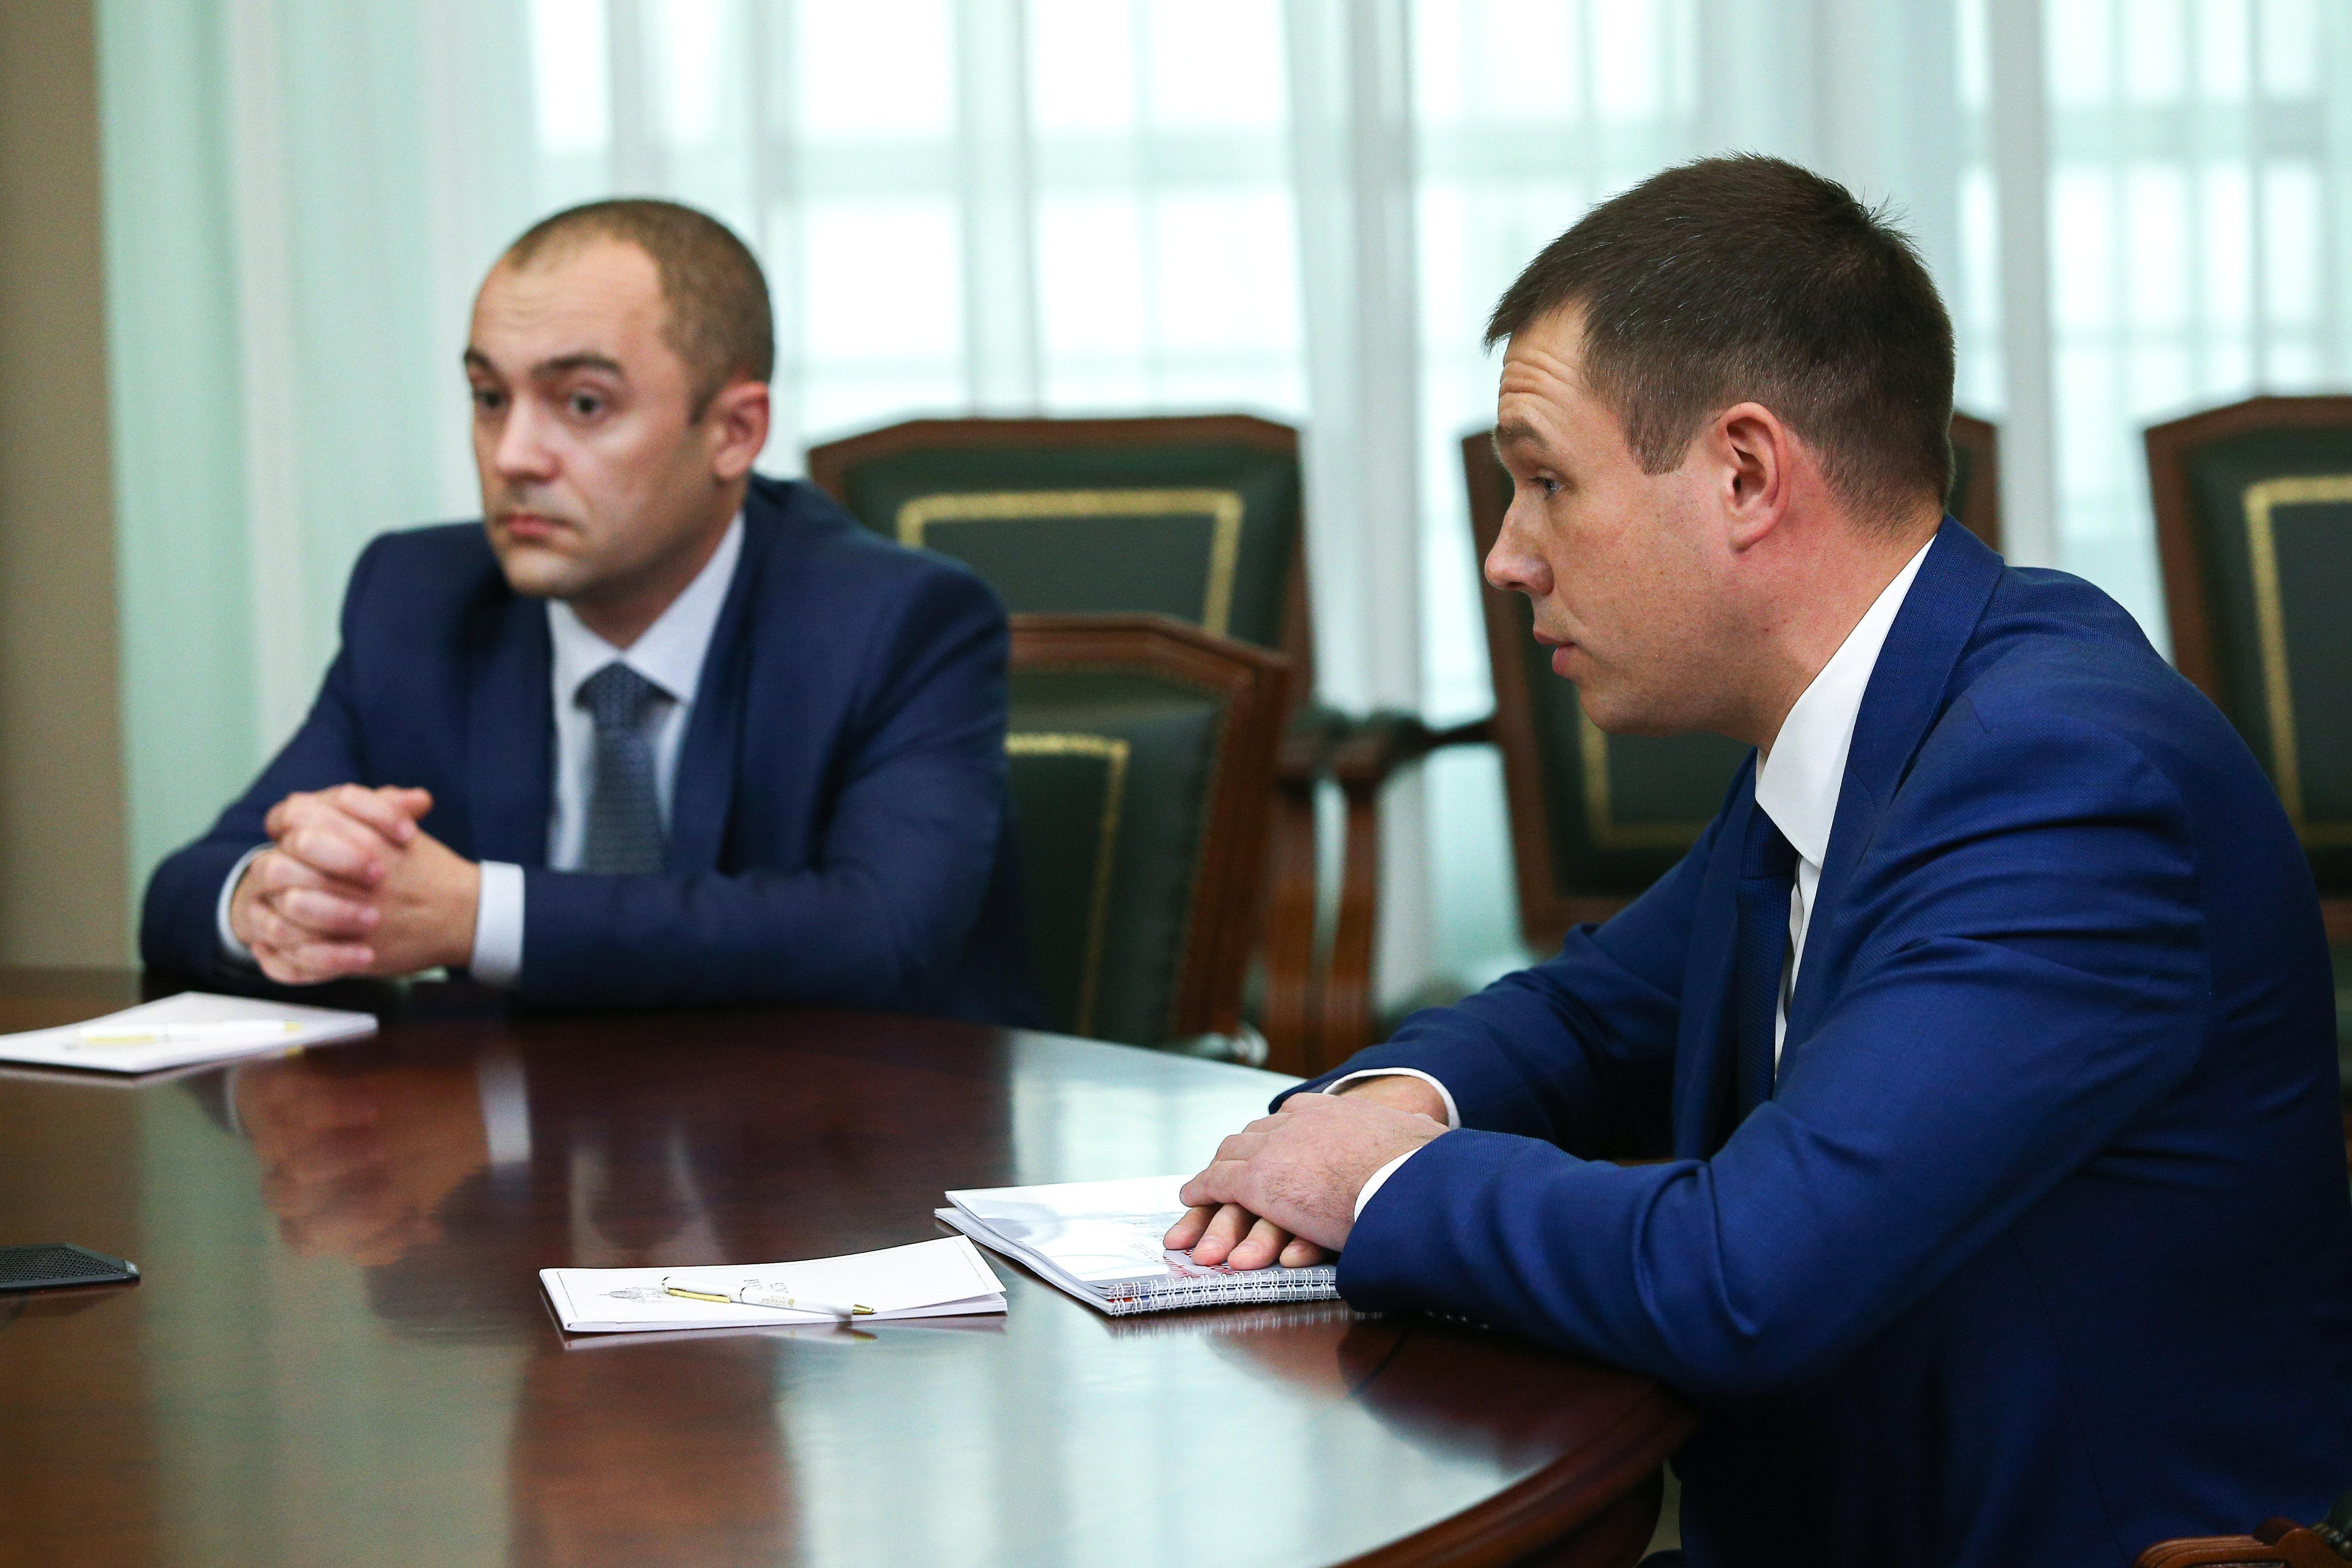 ВРИП главы городского округа Лыткарино Константин Кравцов